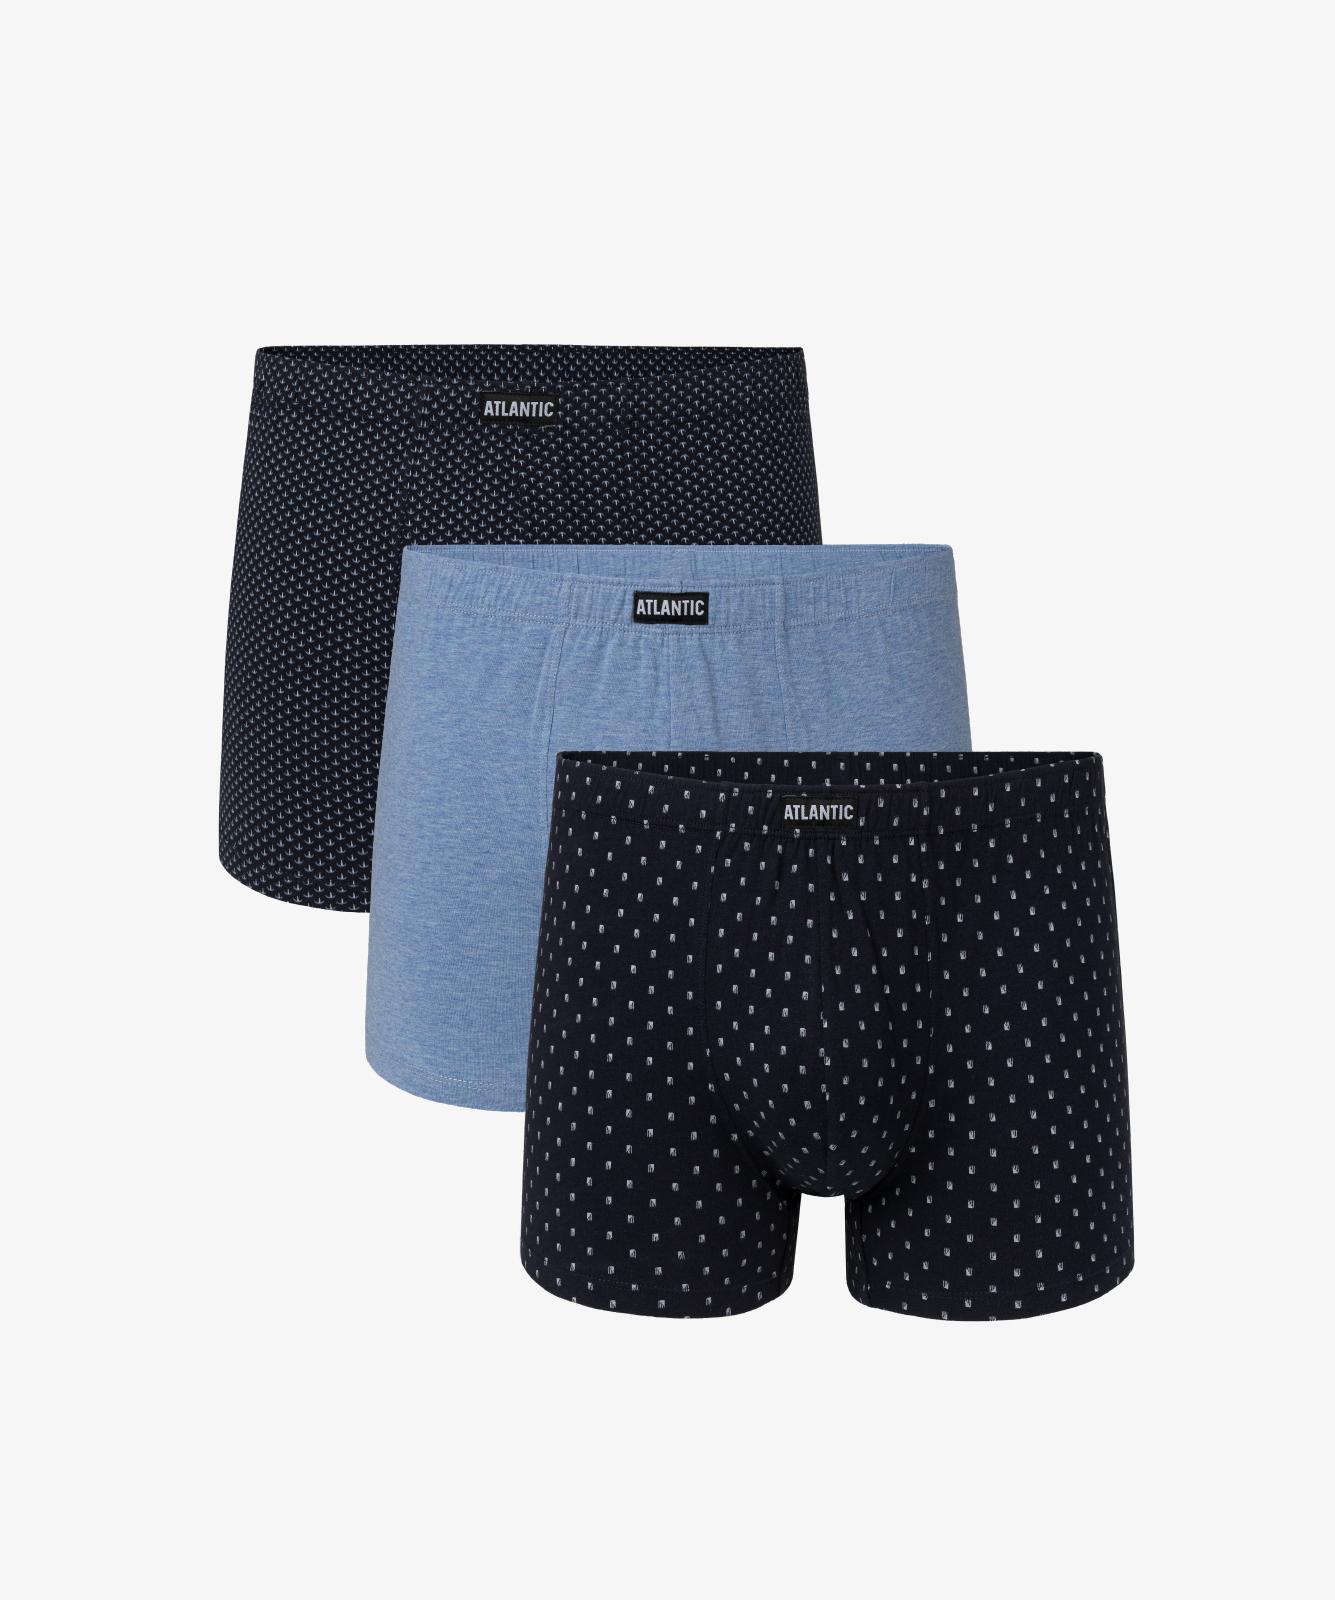 Мужские трусы шорты Atlantic, набор из 3 шт., хлопок, темно-синие + голубой меланж, 3MH-028